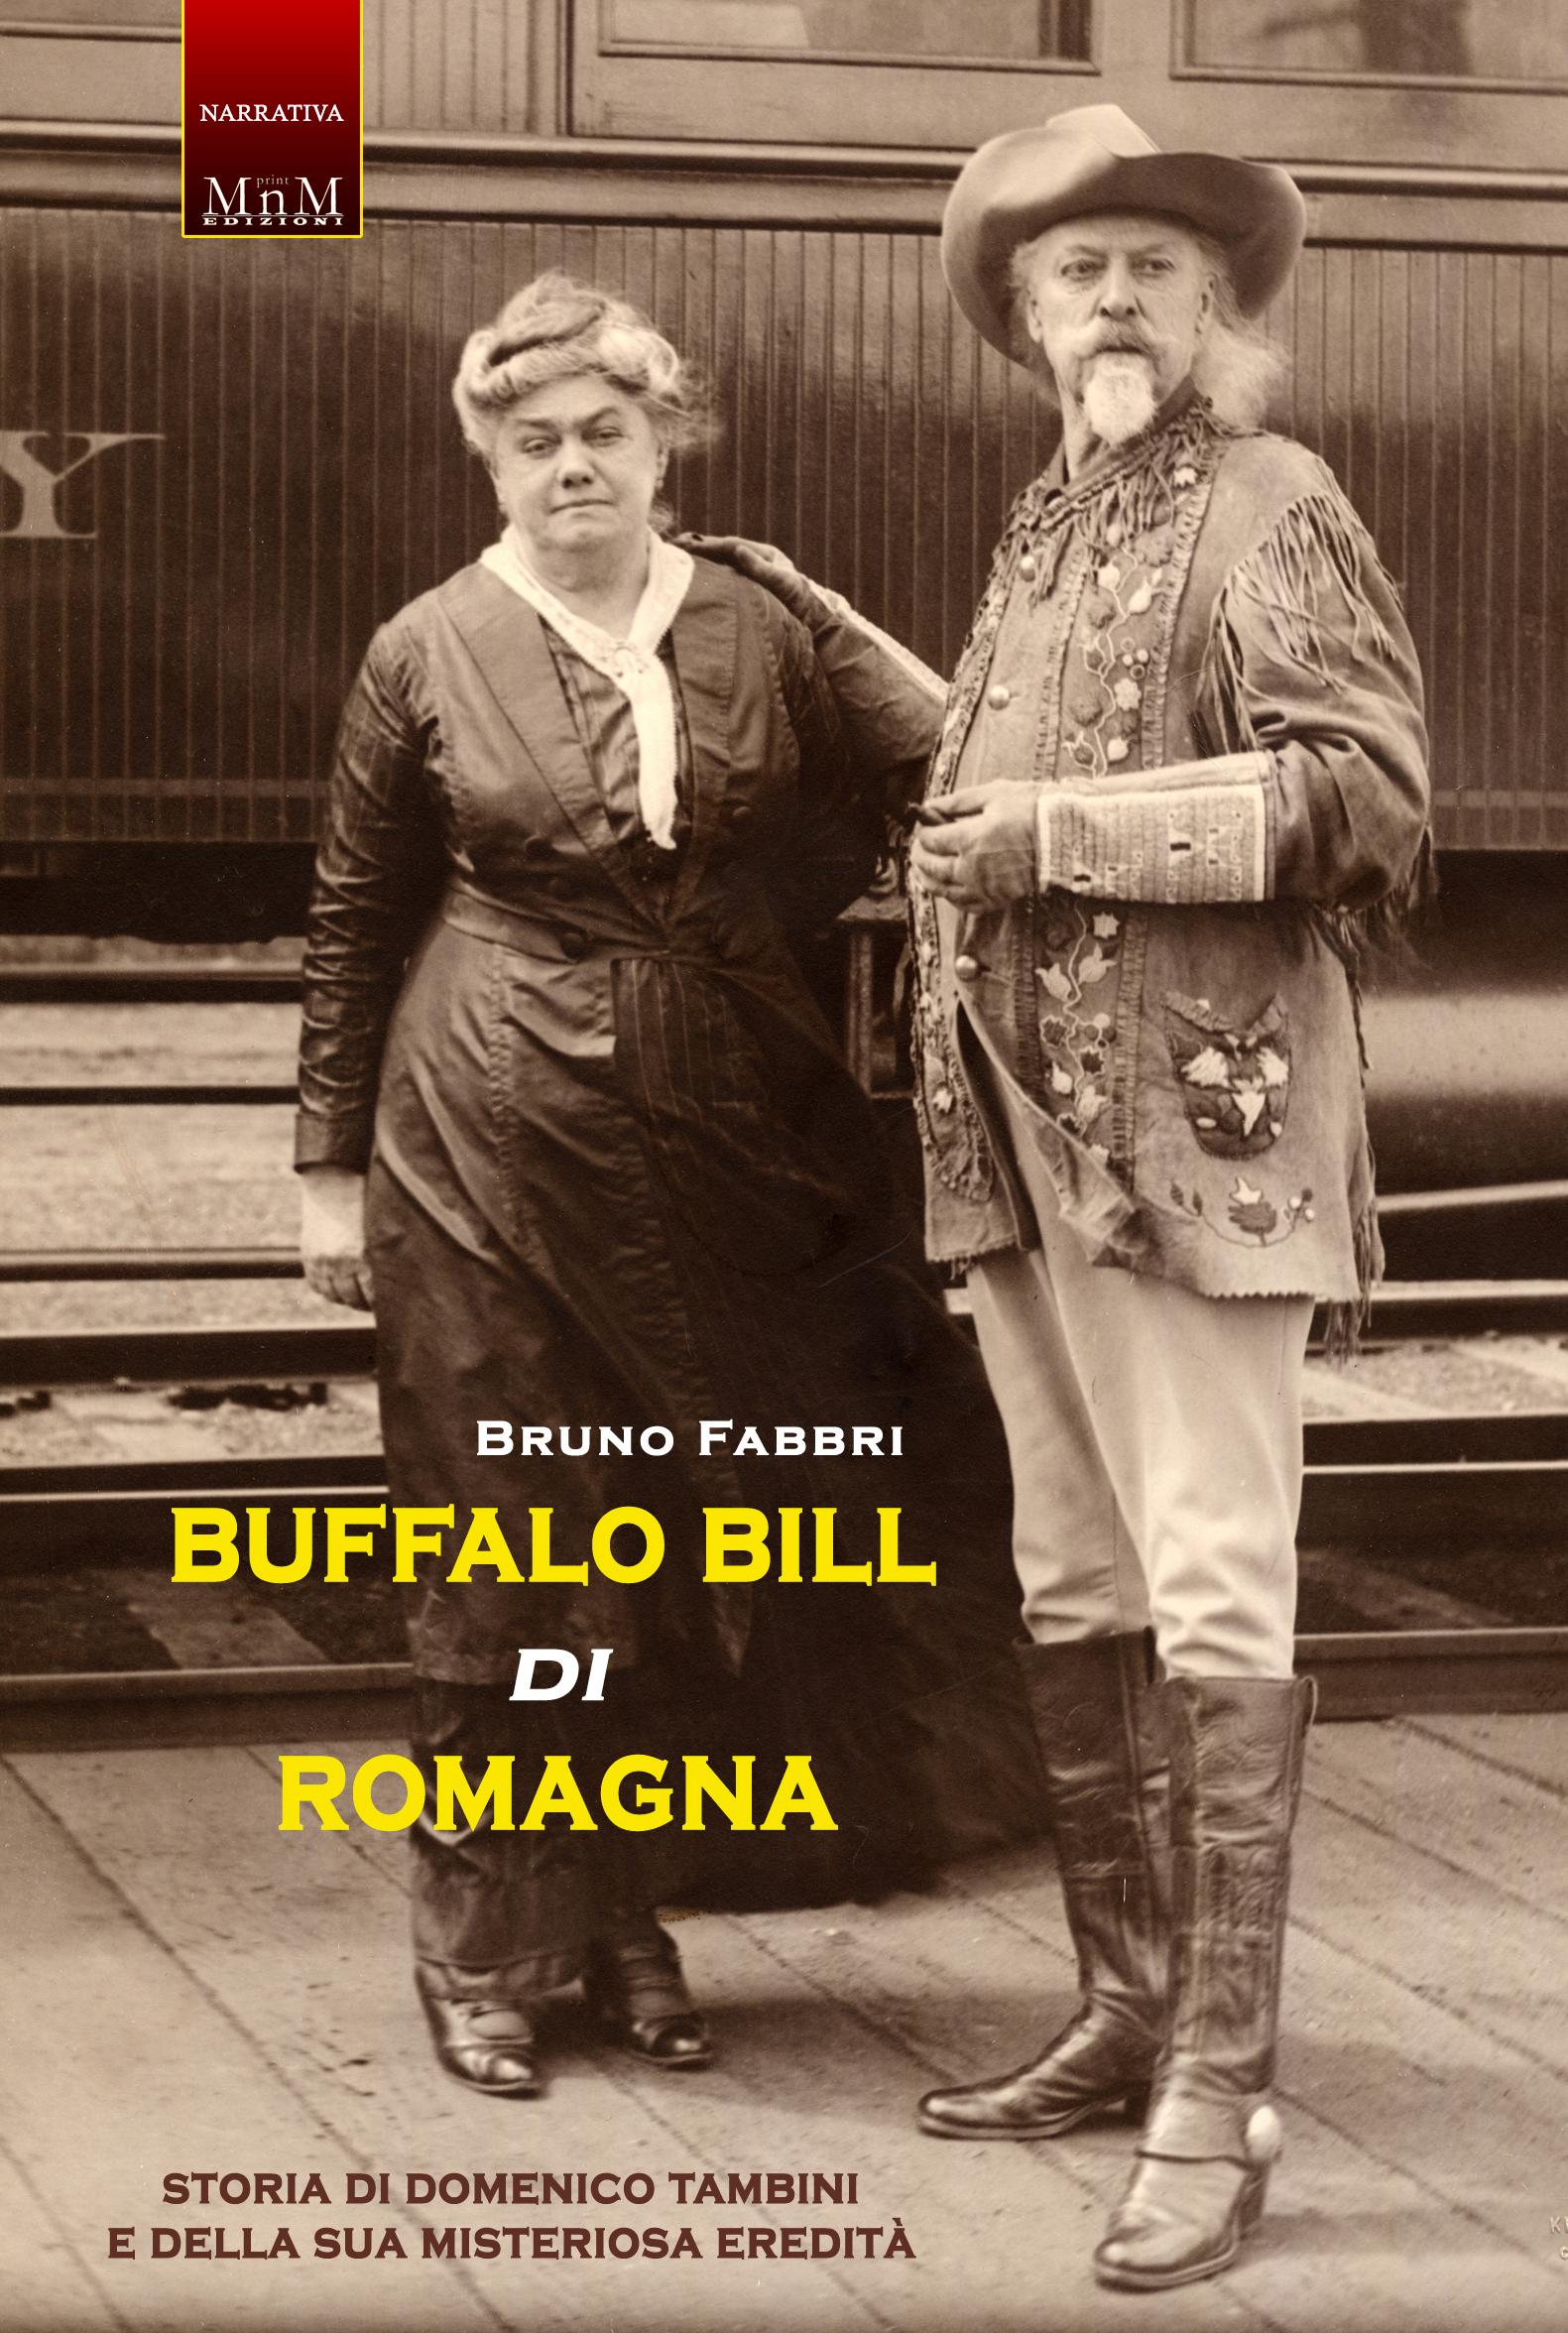 Buffalo Bill di Romagna (Buffalo Bill of Romagna)